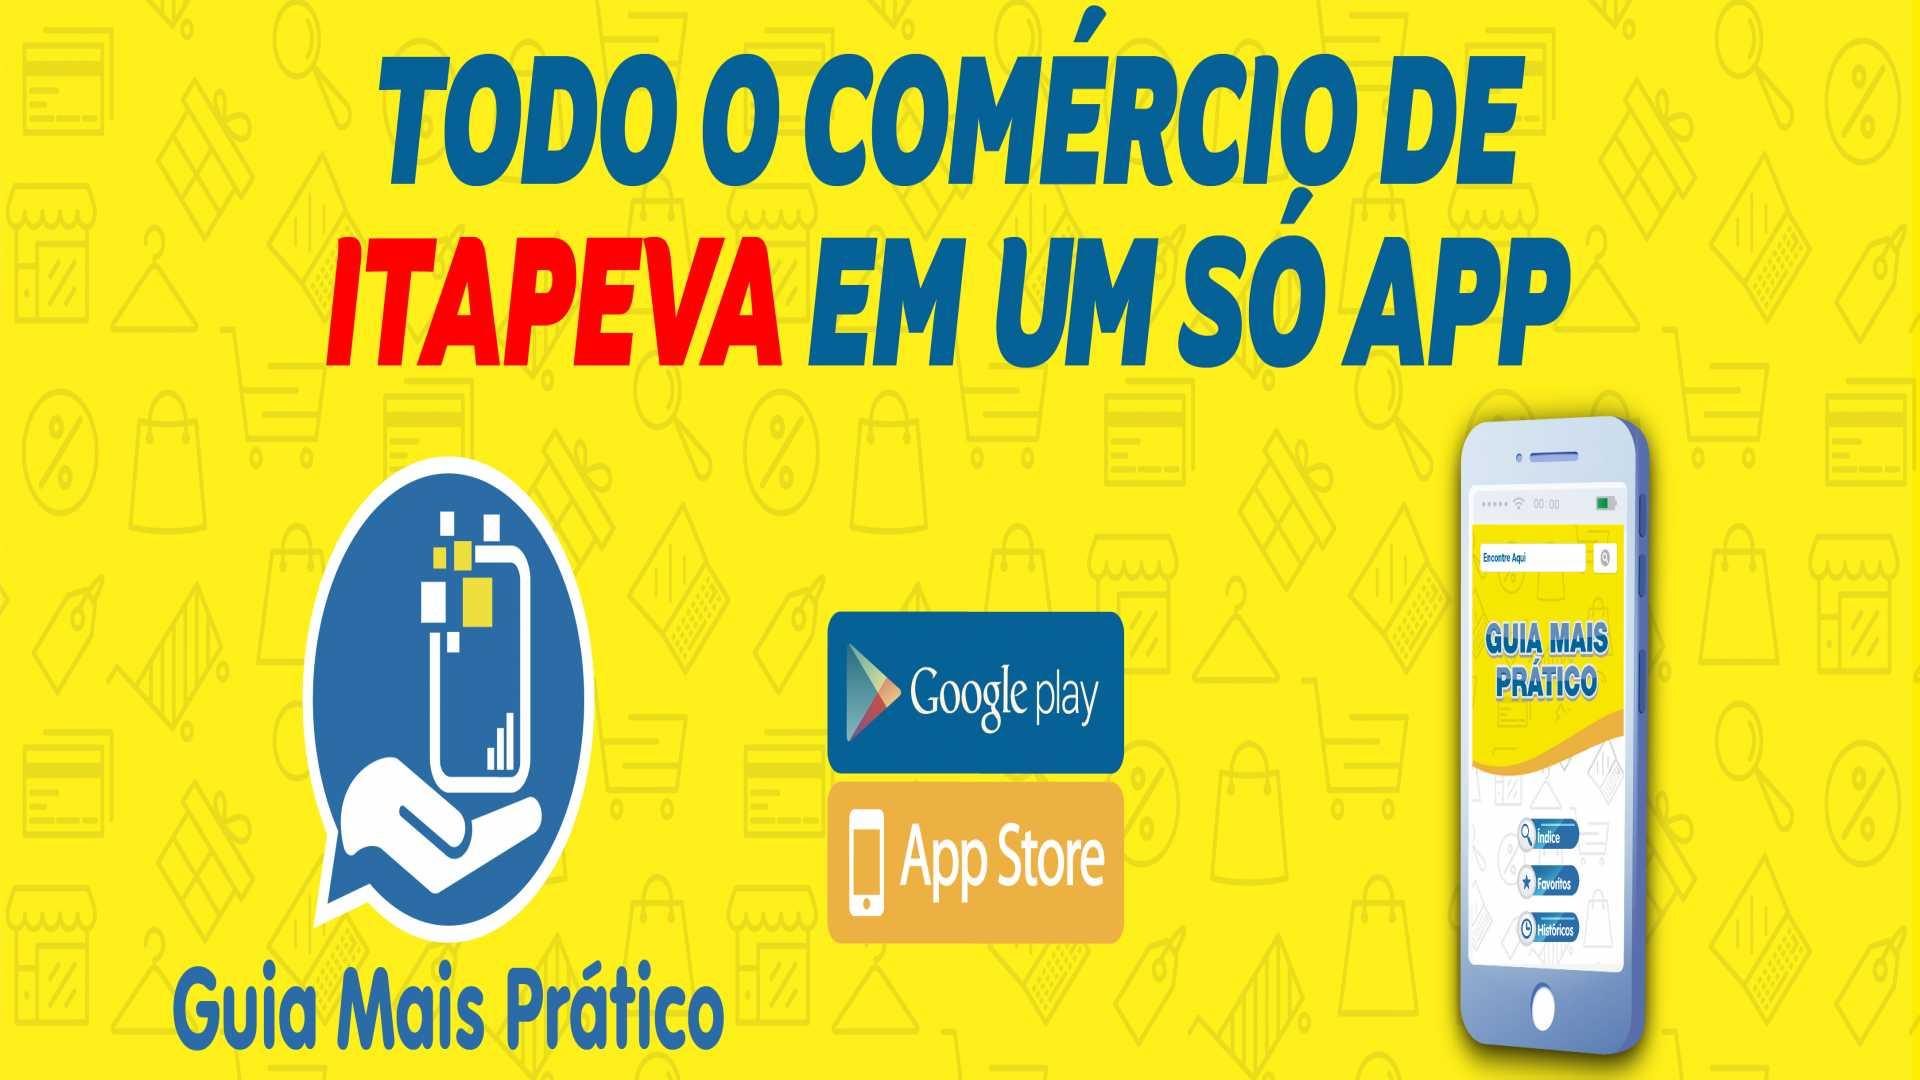 Banner Todo comércio de Itapeva em um só App - Guia Mais Prático